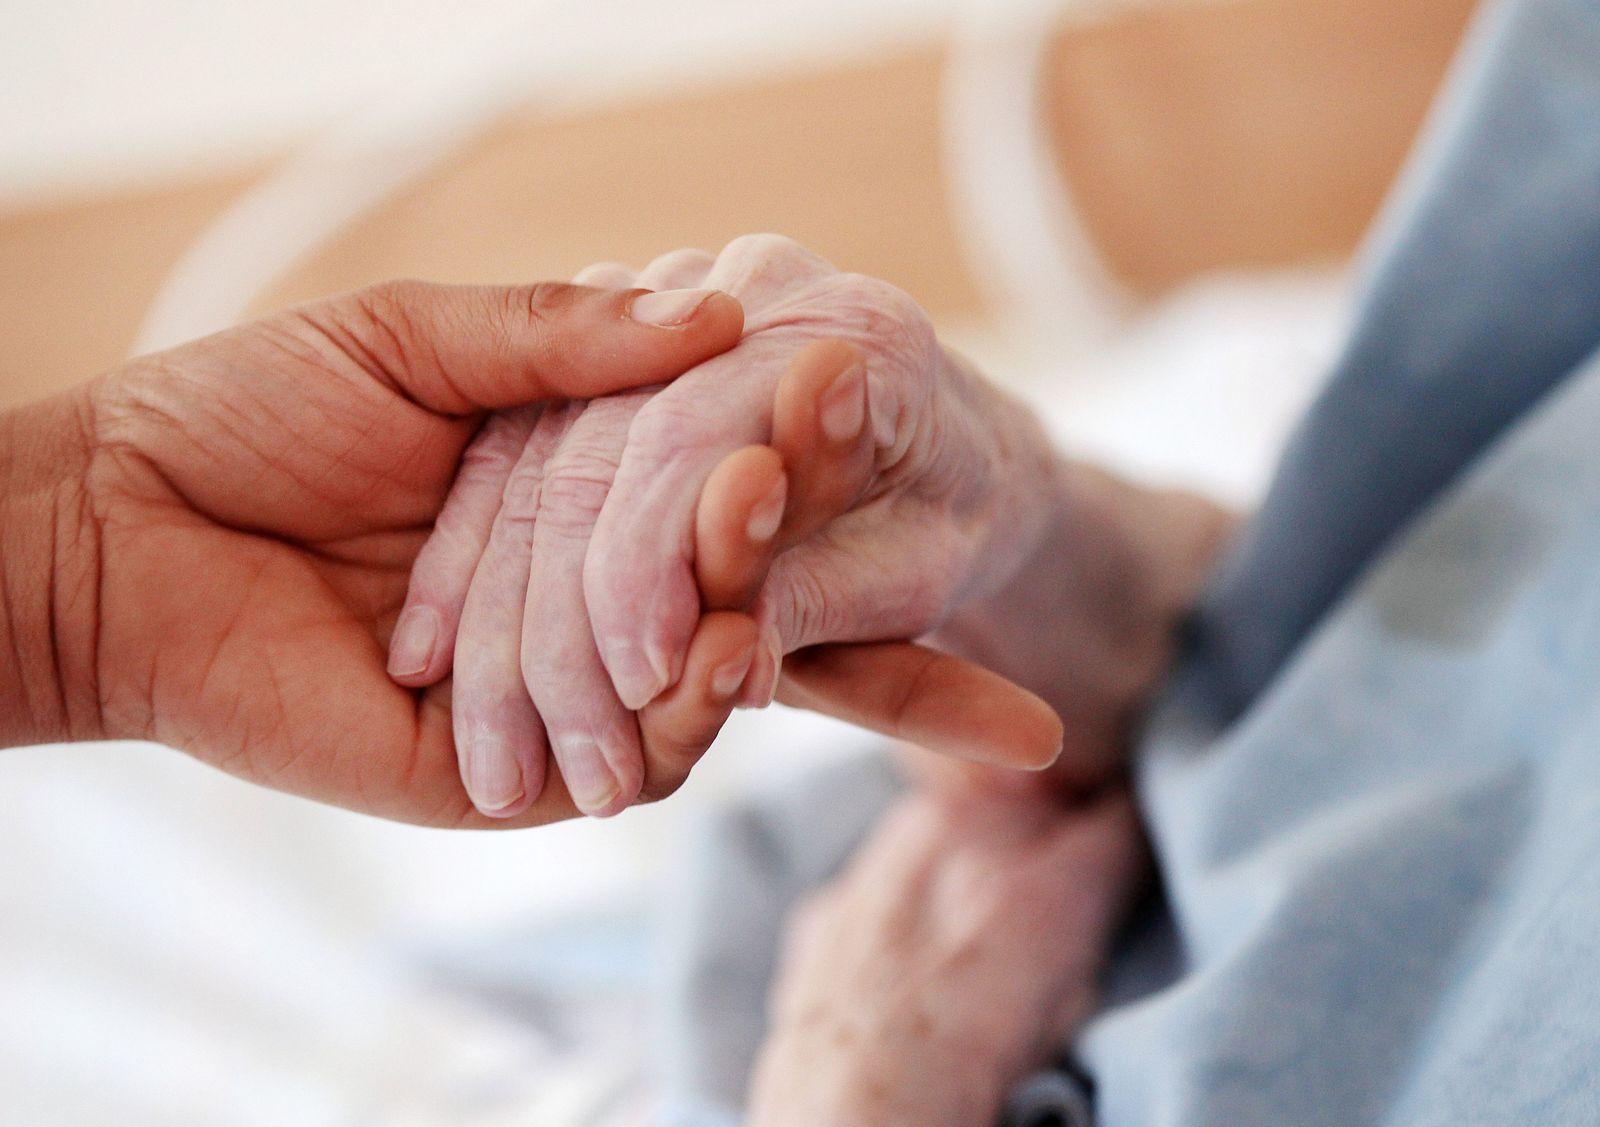 Kassen starten «Rettungsschirm» für Heime und Pflegedienste